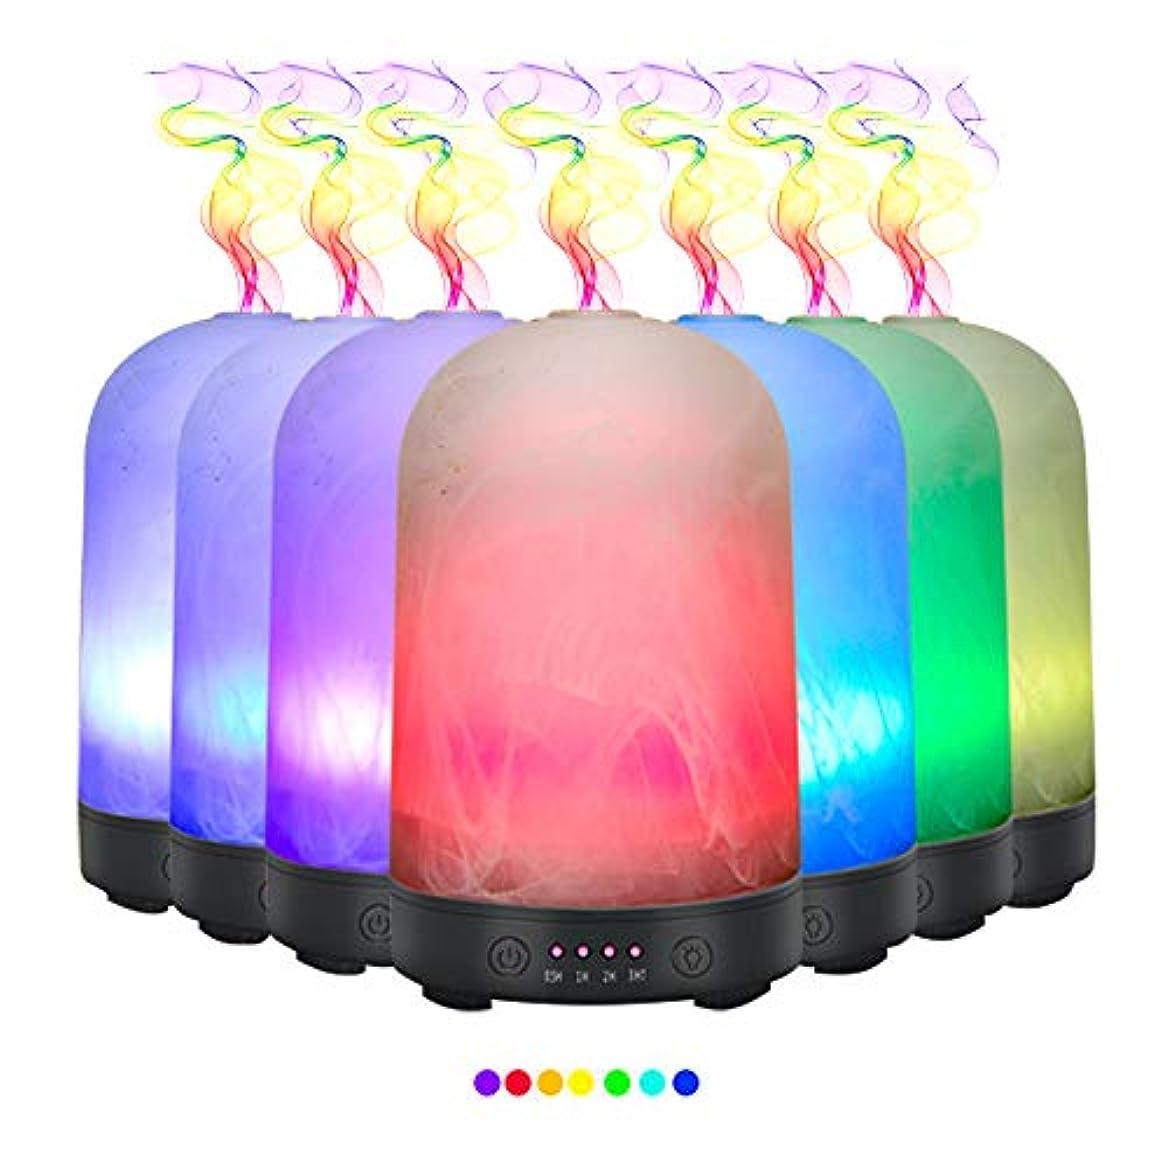 親密な休日にコンテストエッセンシャルオイル用ディフューザー (100ml)-3d アートガラスミストランプアロマ加湿器7色の変更 LED ライト & 4 タイマー設定、水なしオートシャットオフ